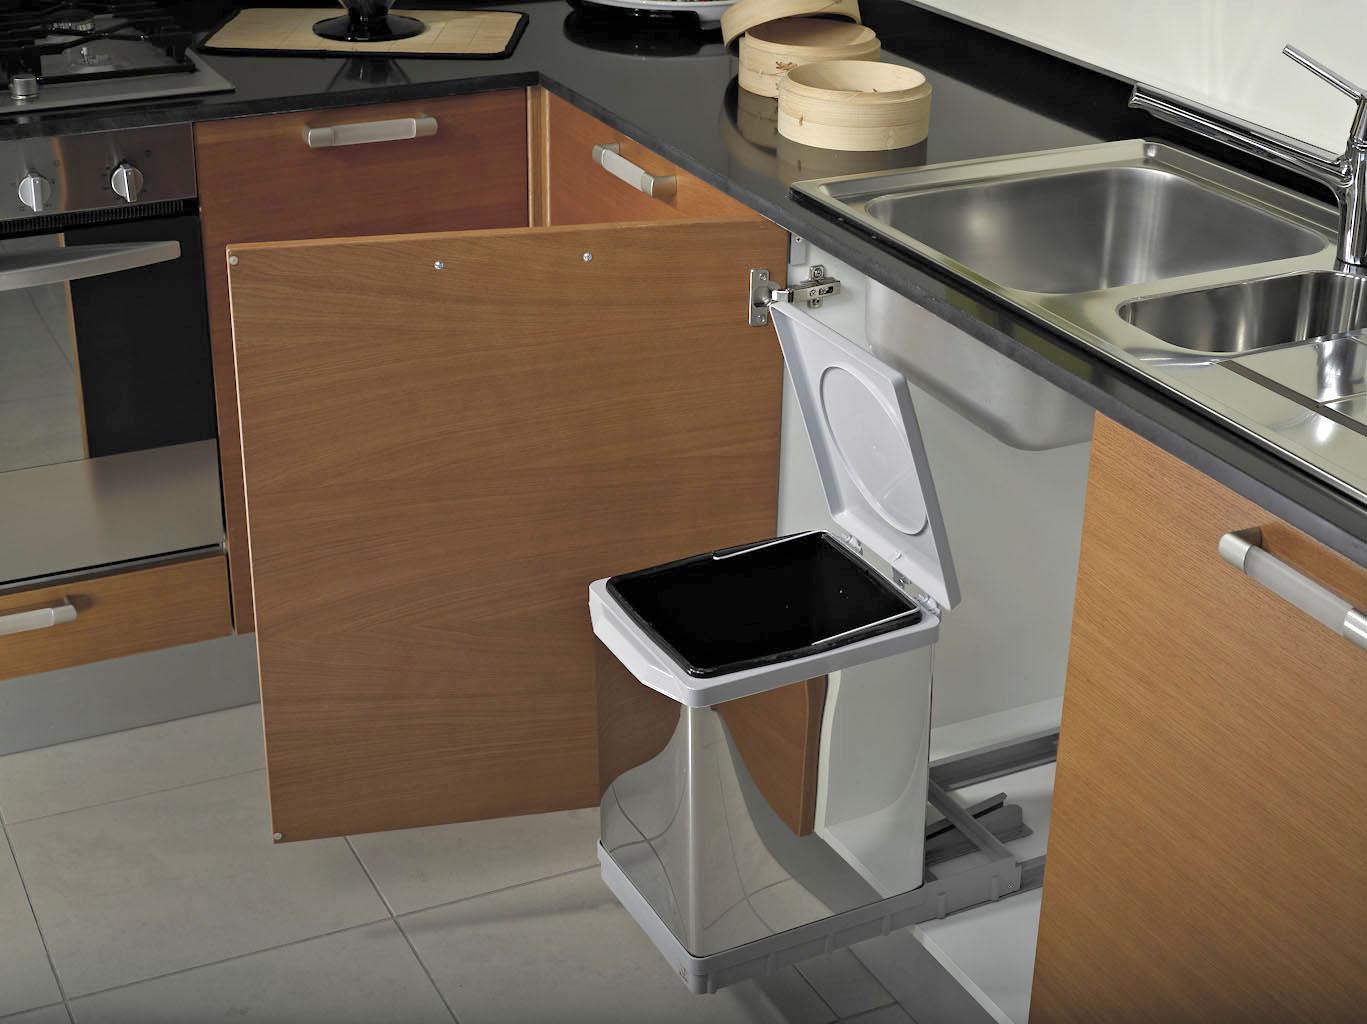 Pattumiera Estraibile Per Base Cucina Ecologica Alluminio Secchi 1x17l Planet Cucina